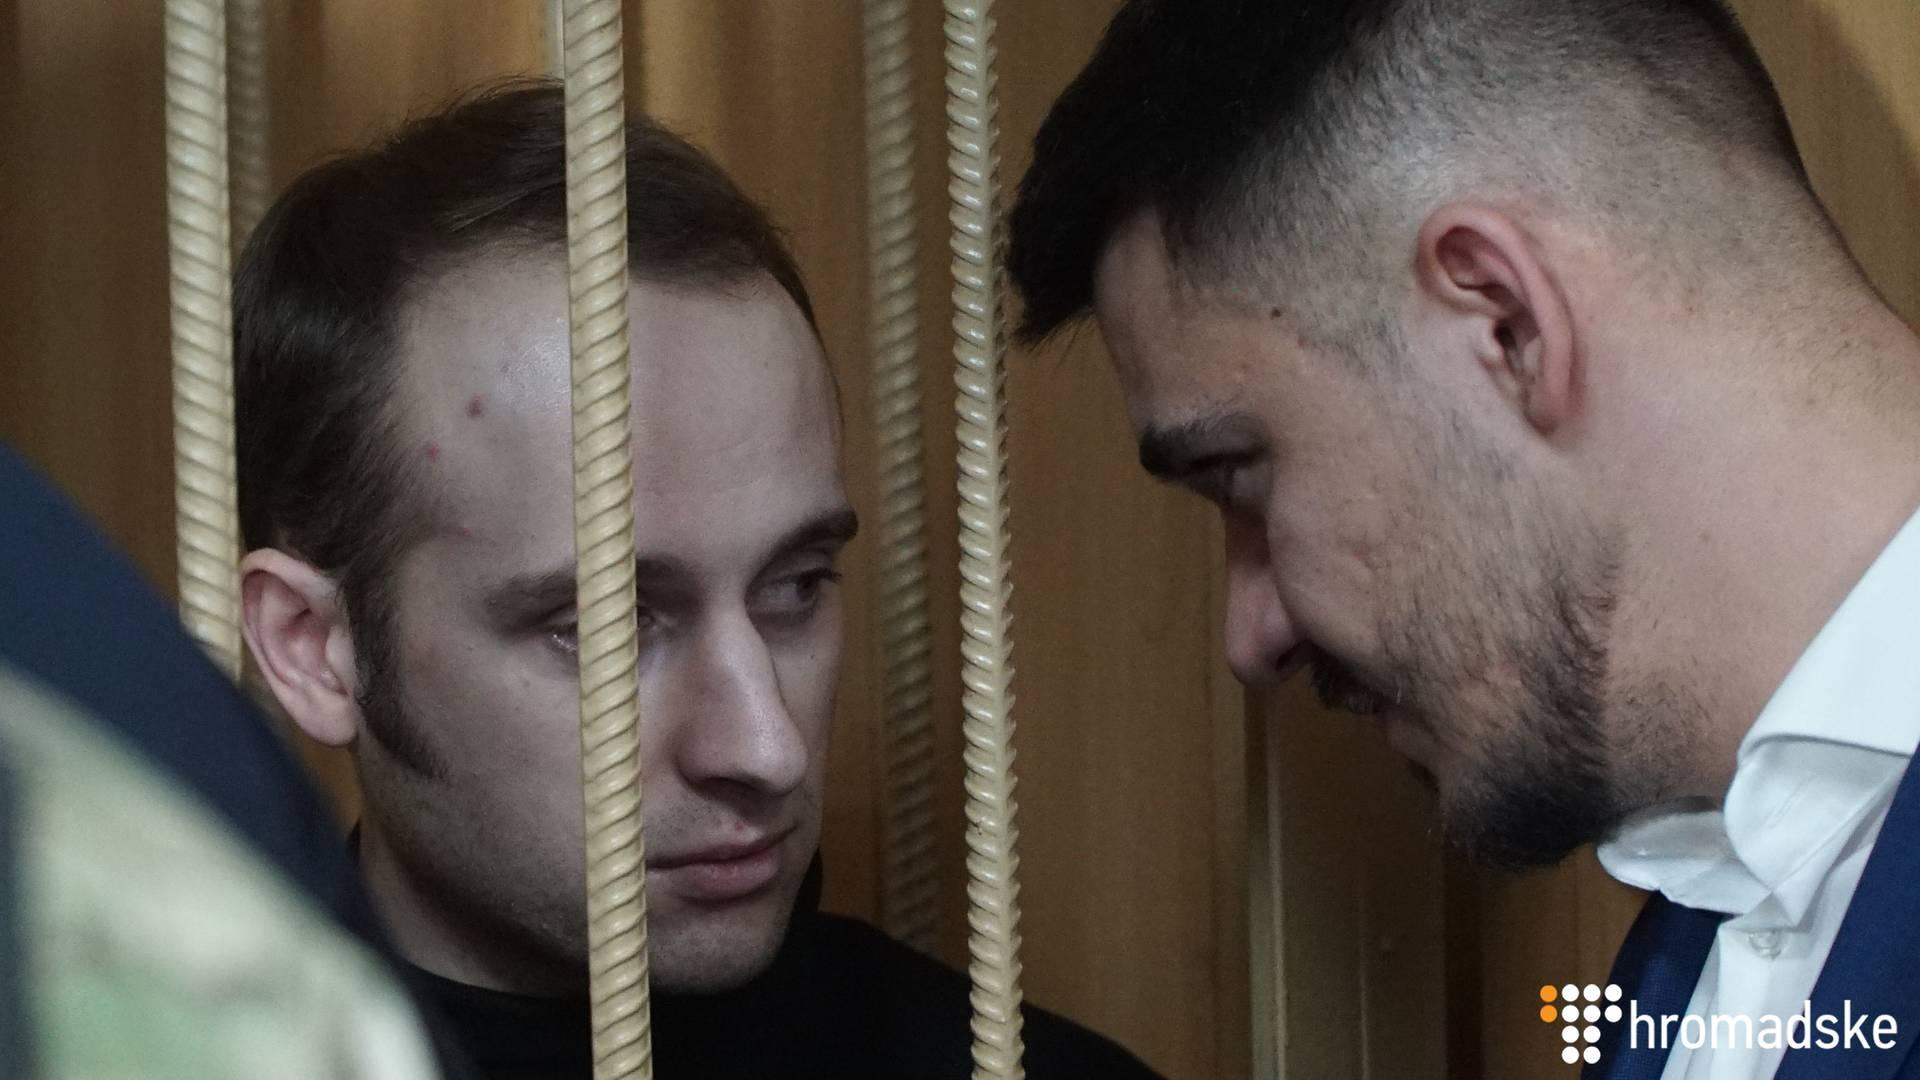 Український полонений моряк Владислав Костишин у Лефортовському суді Москви, 15 січня 2018 року